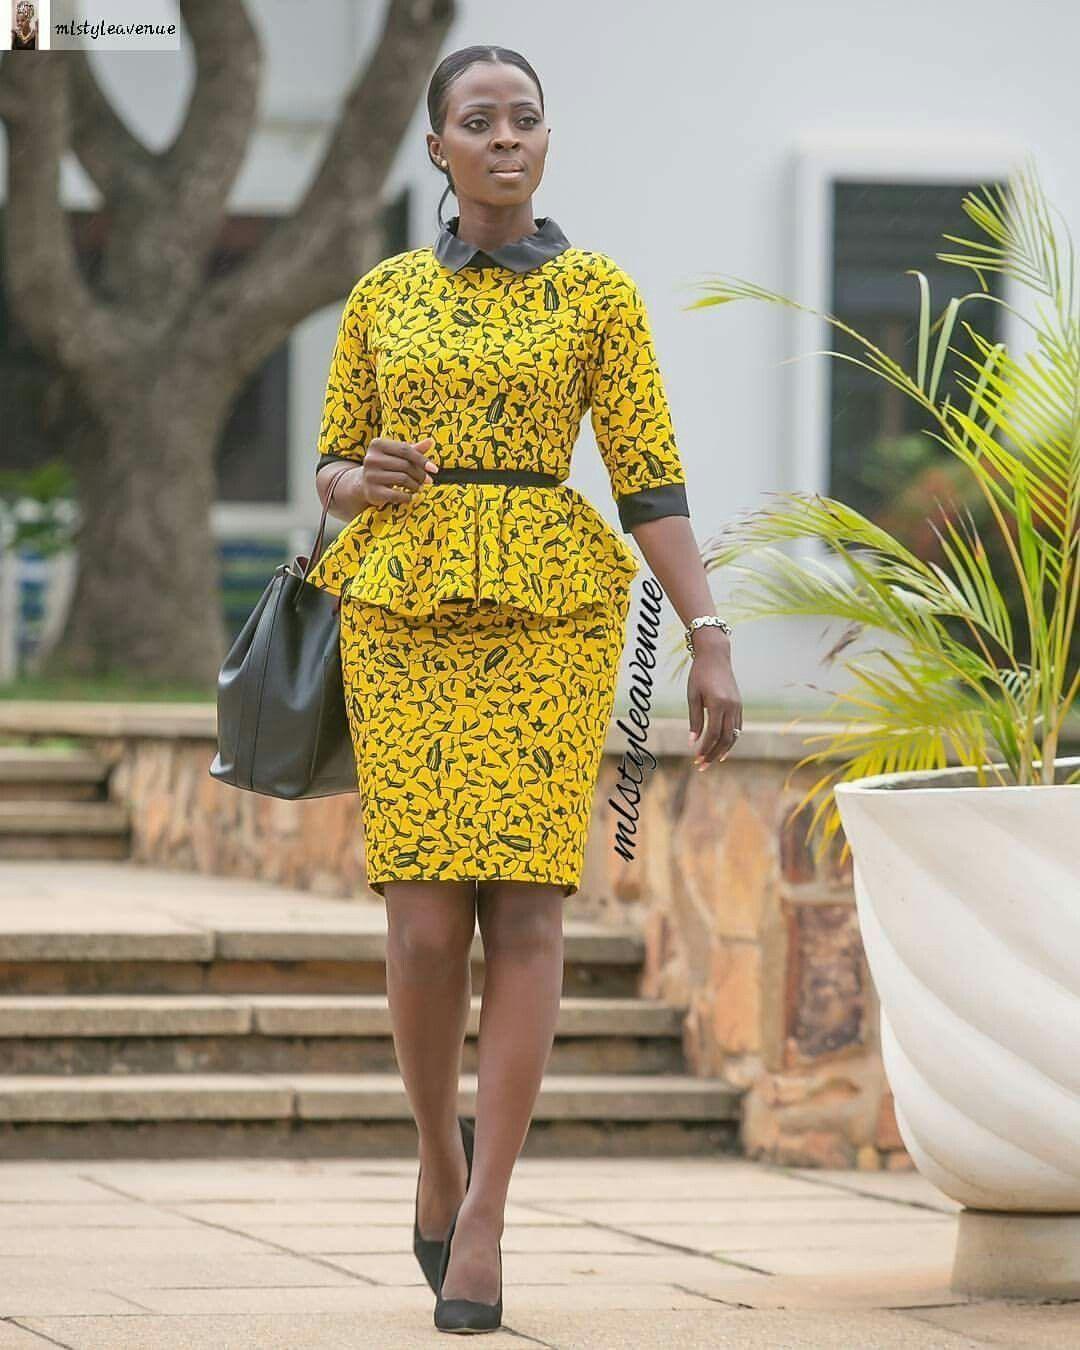 Épinglé par Tambo sur Haute couture  a915db12391